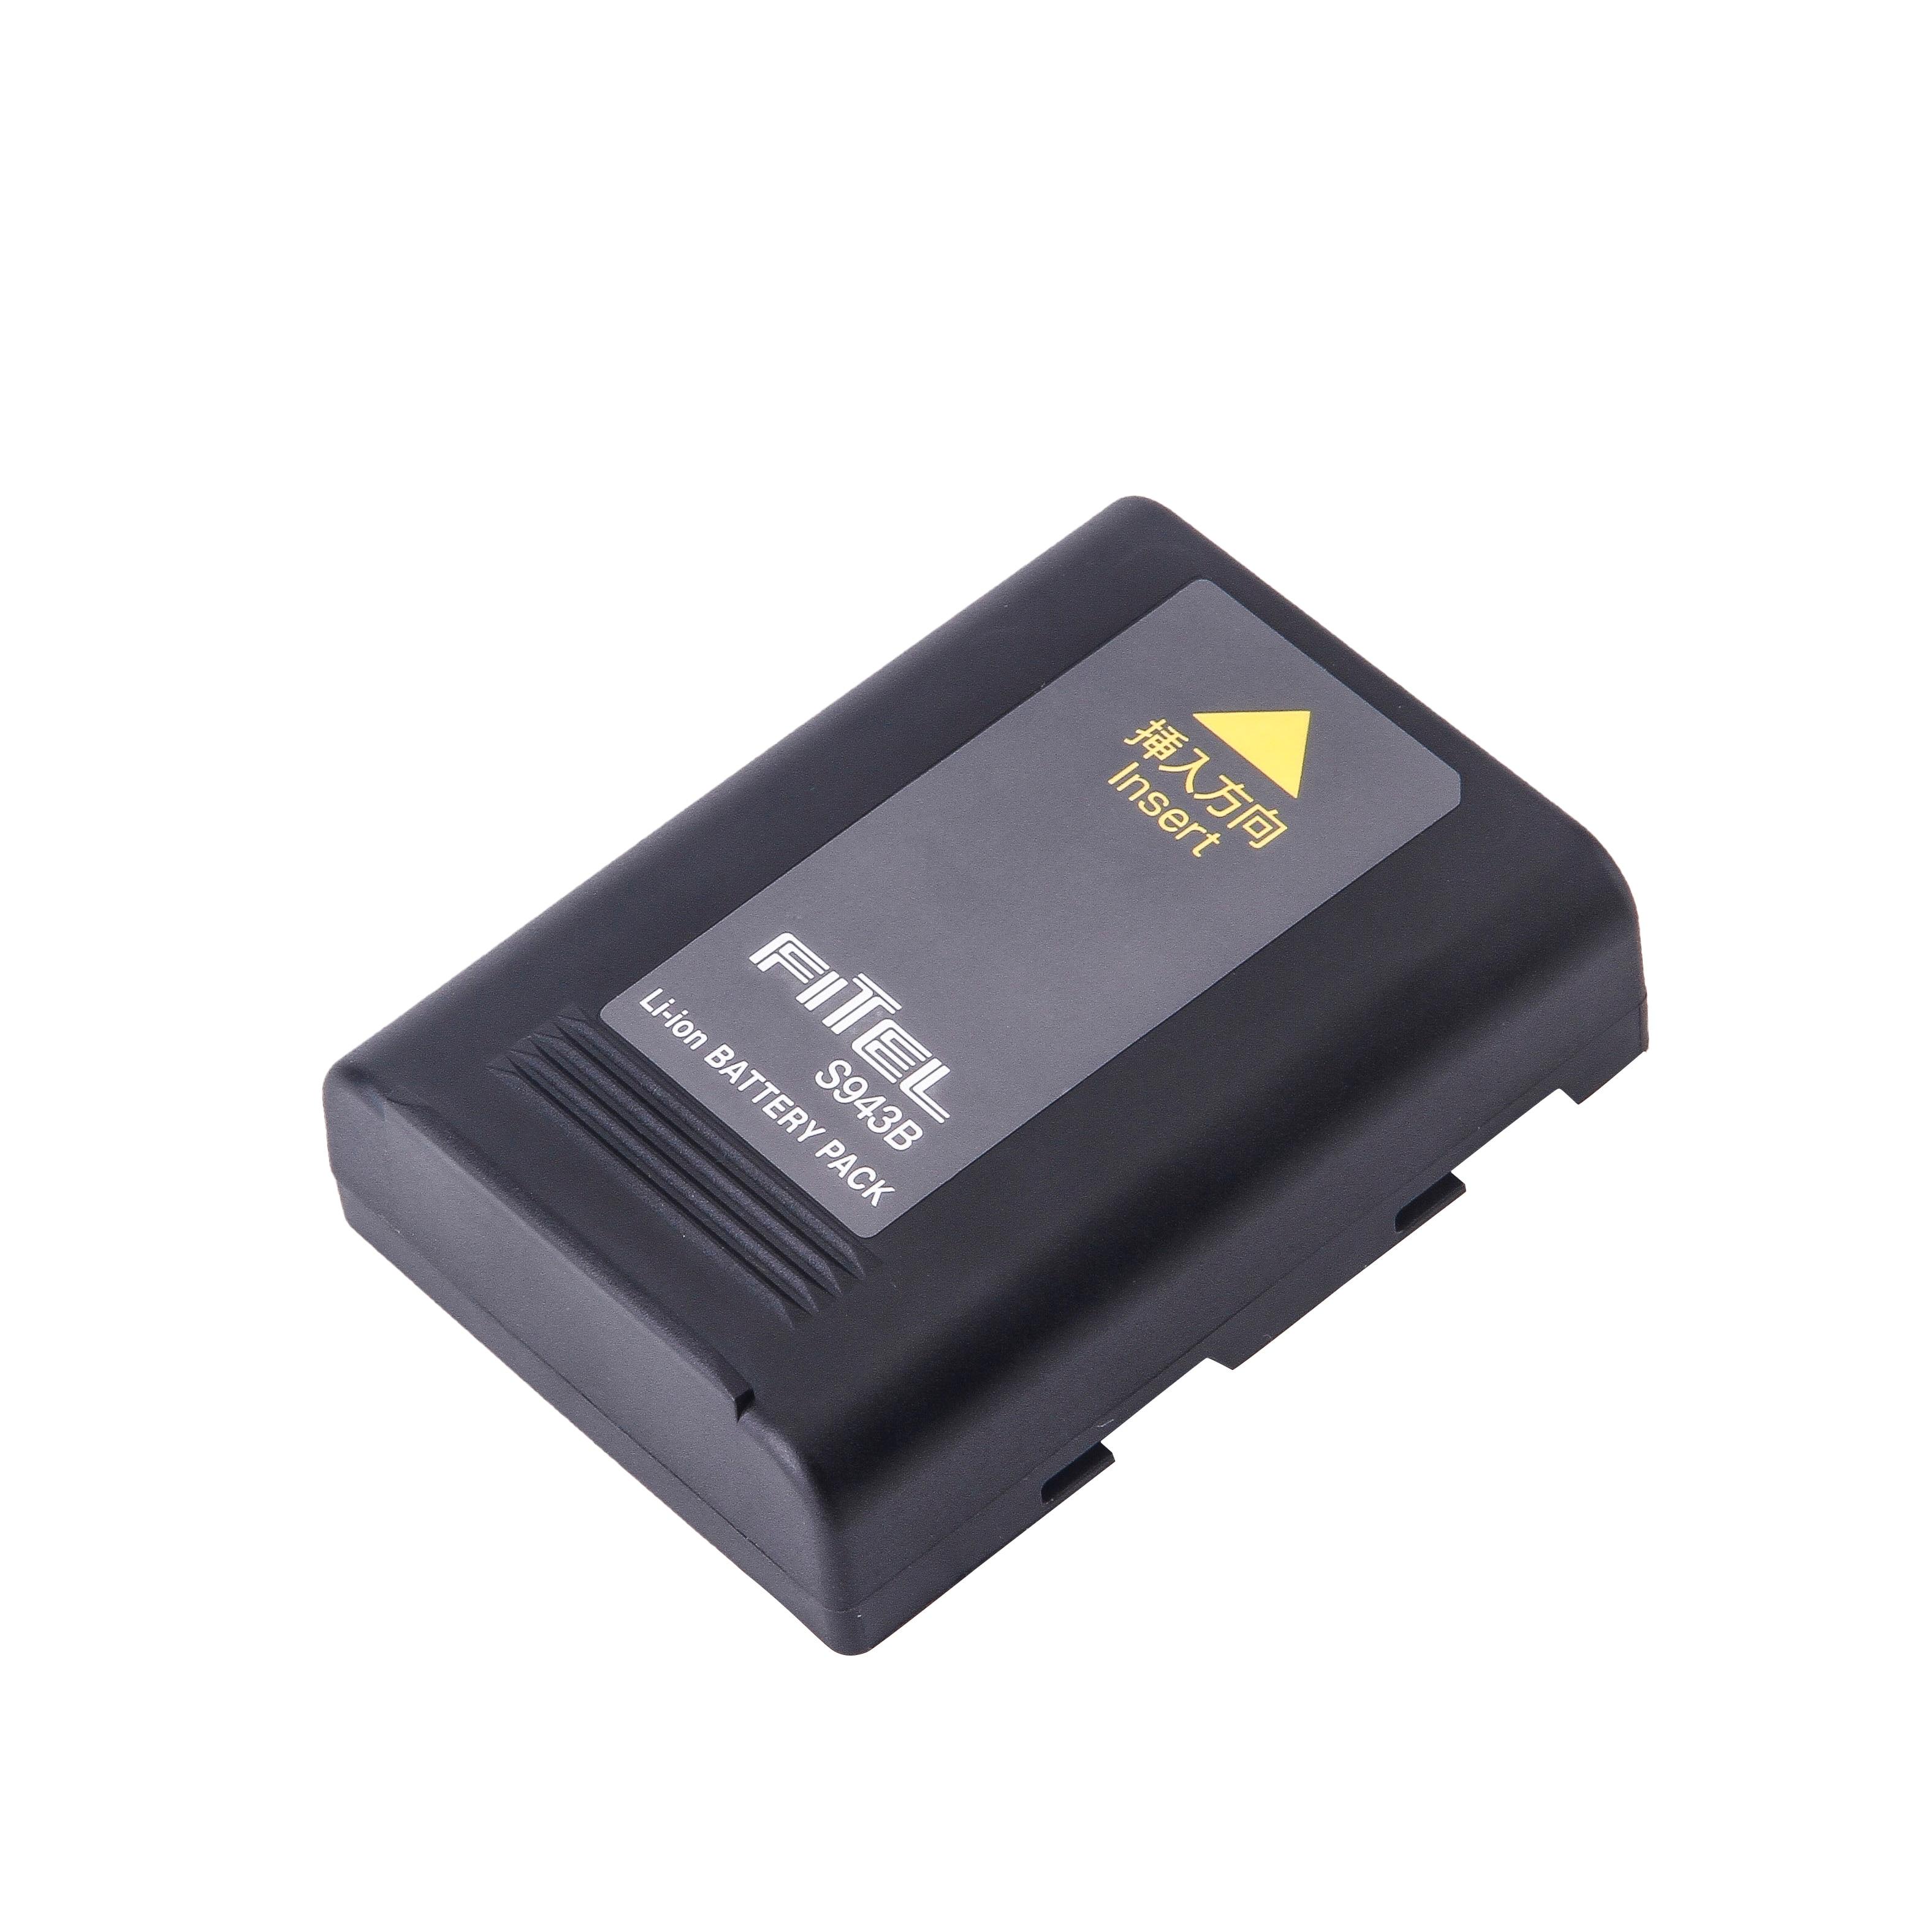 Высококачественная батарея для Fitel S943 S943B S121A S121M4 S122A S122C S122M8 S123C S123CM8 S123C12 S153A S153V2 (импортные ячейки)